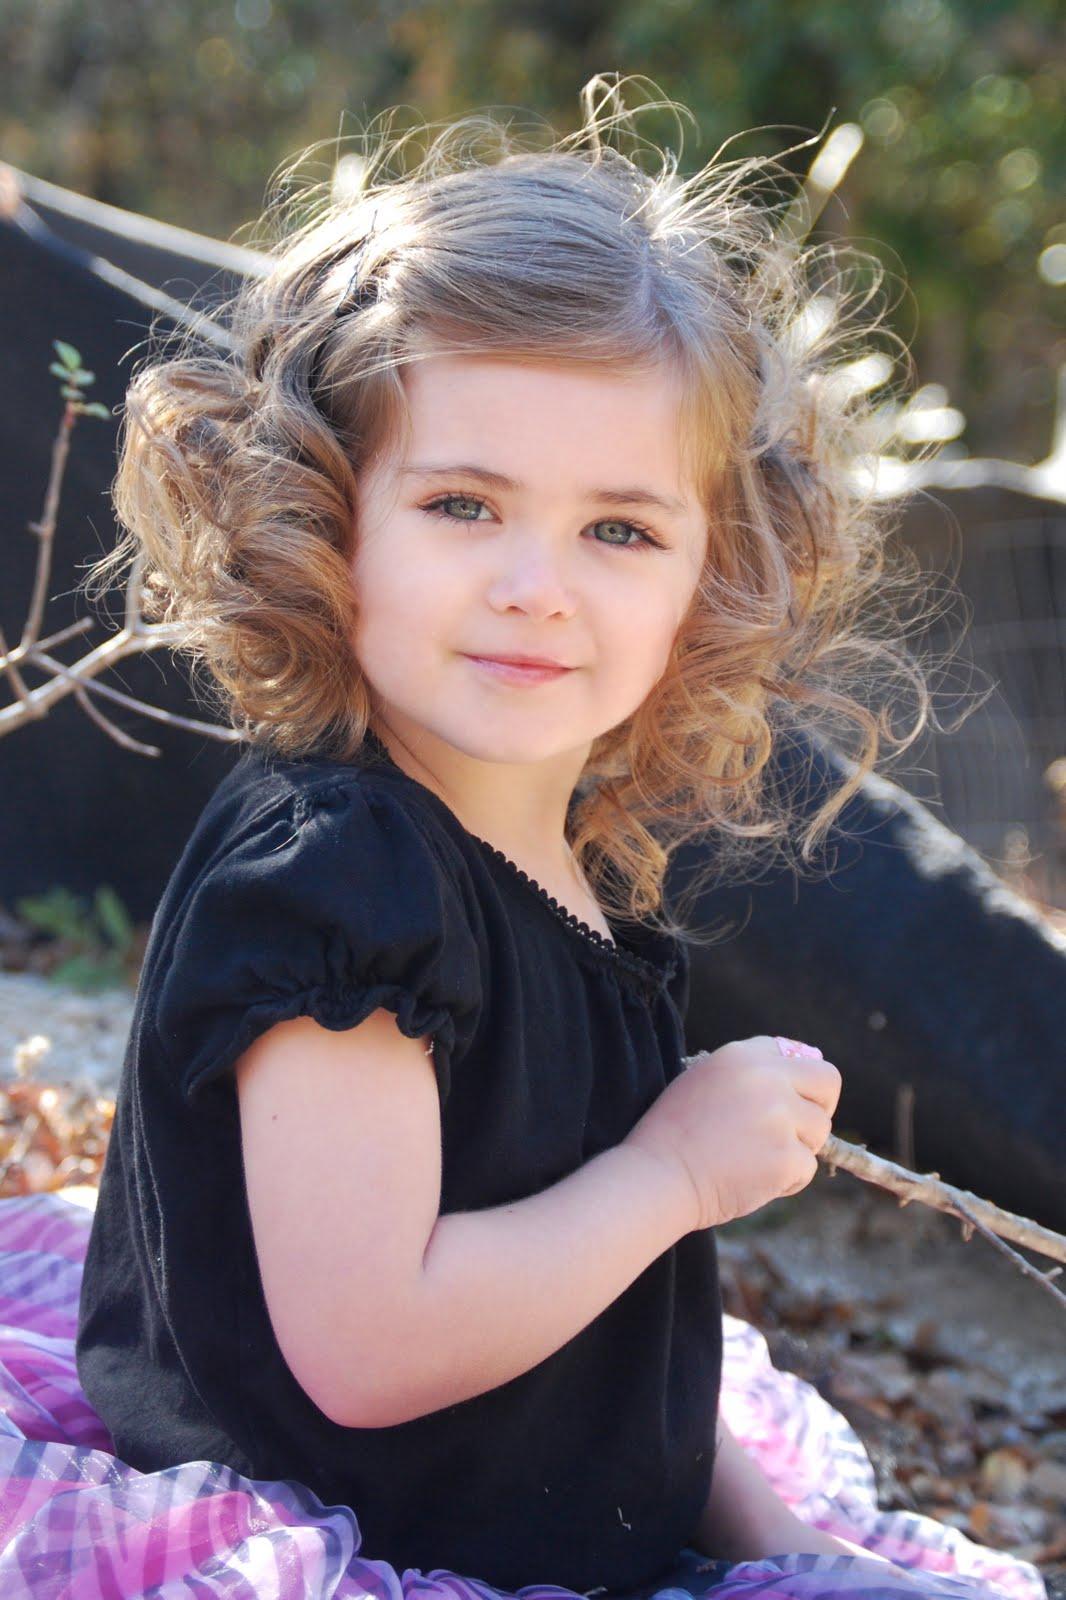 Artistically Beautiful Little Girl Curls